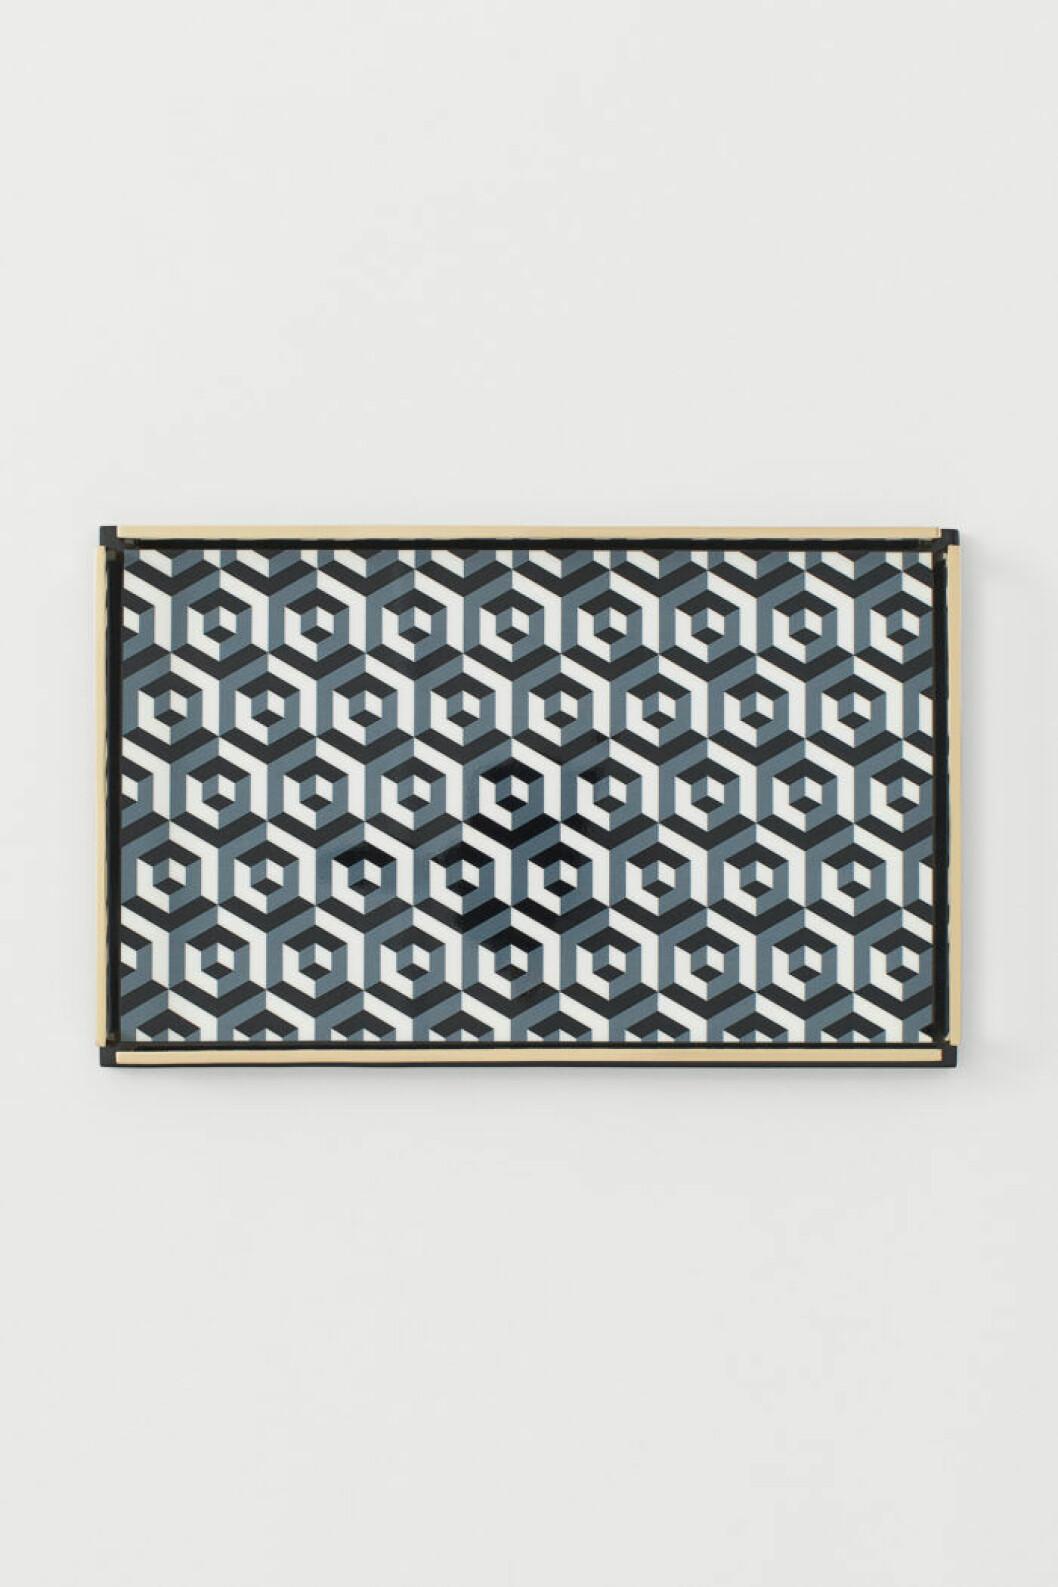 Mönstrad bricka i svart, vitt och grått från Jonathan Adler x H&M